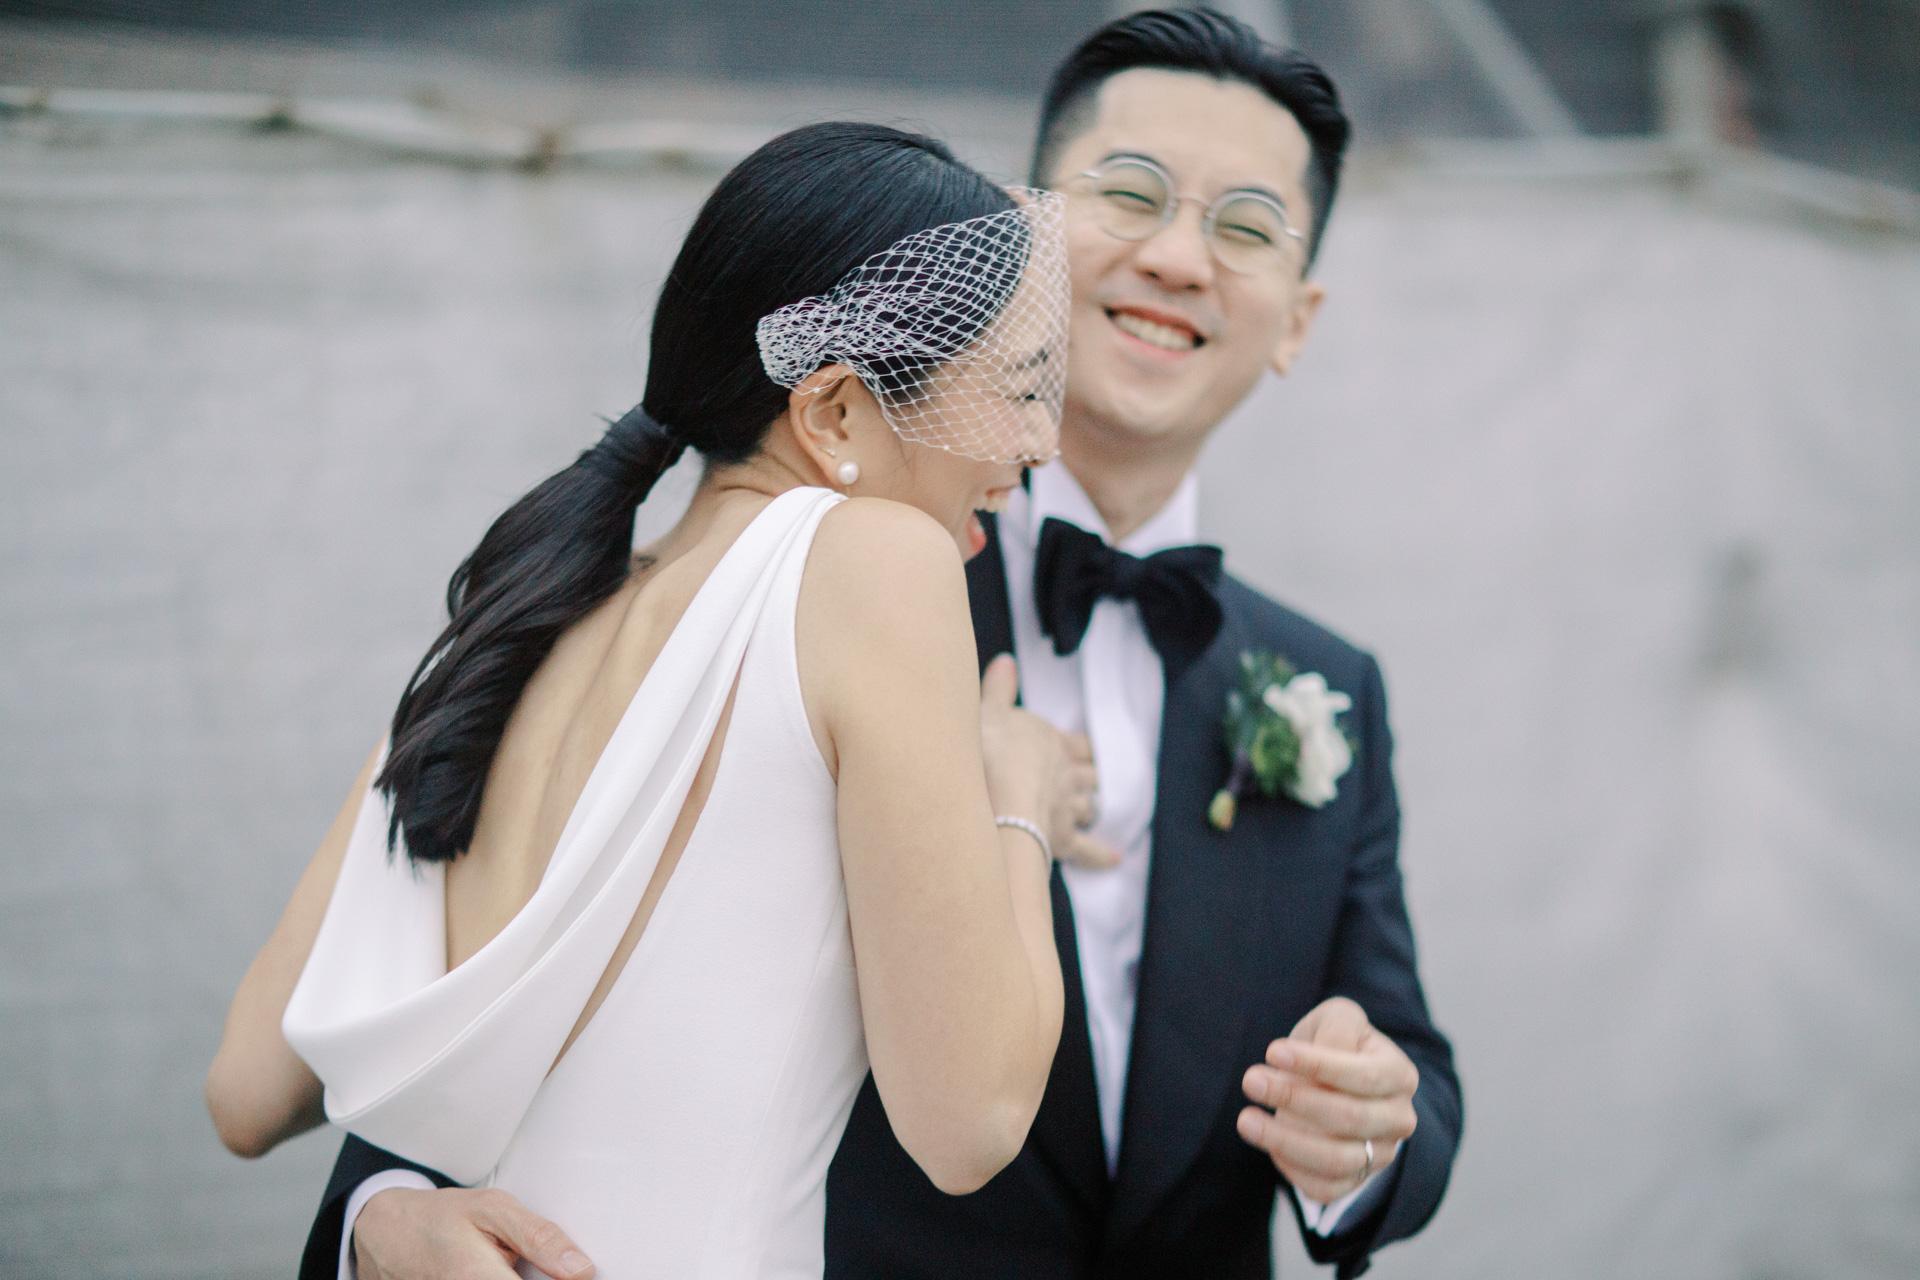 nikkiloveu-hongkong-wedding-day-hexa-ant-cat-lauhaus-031.jpg